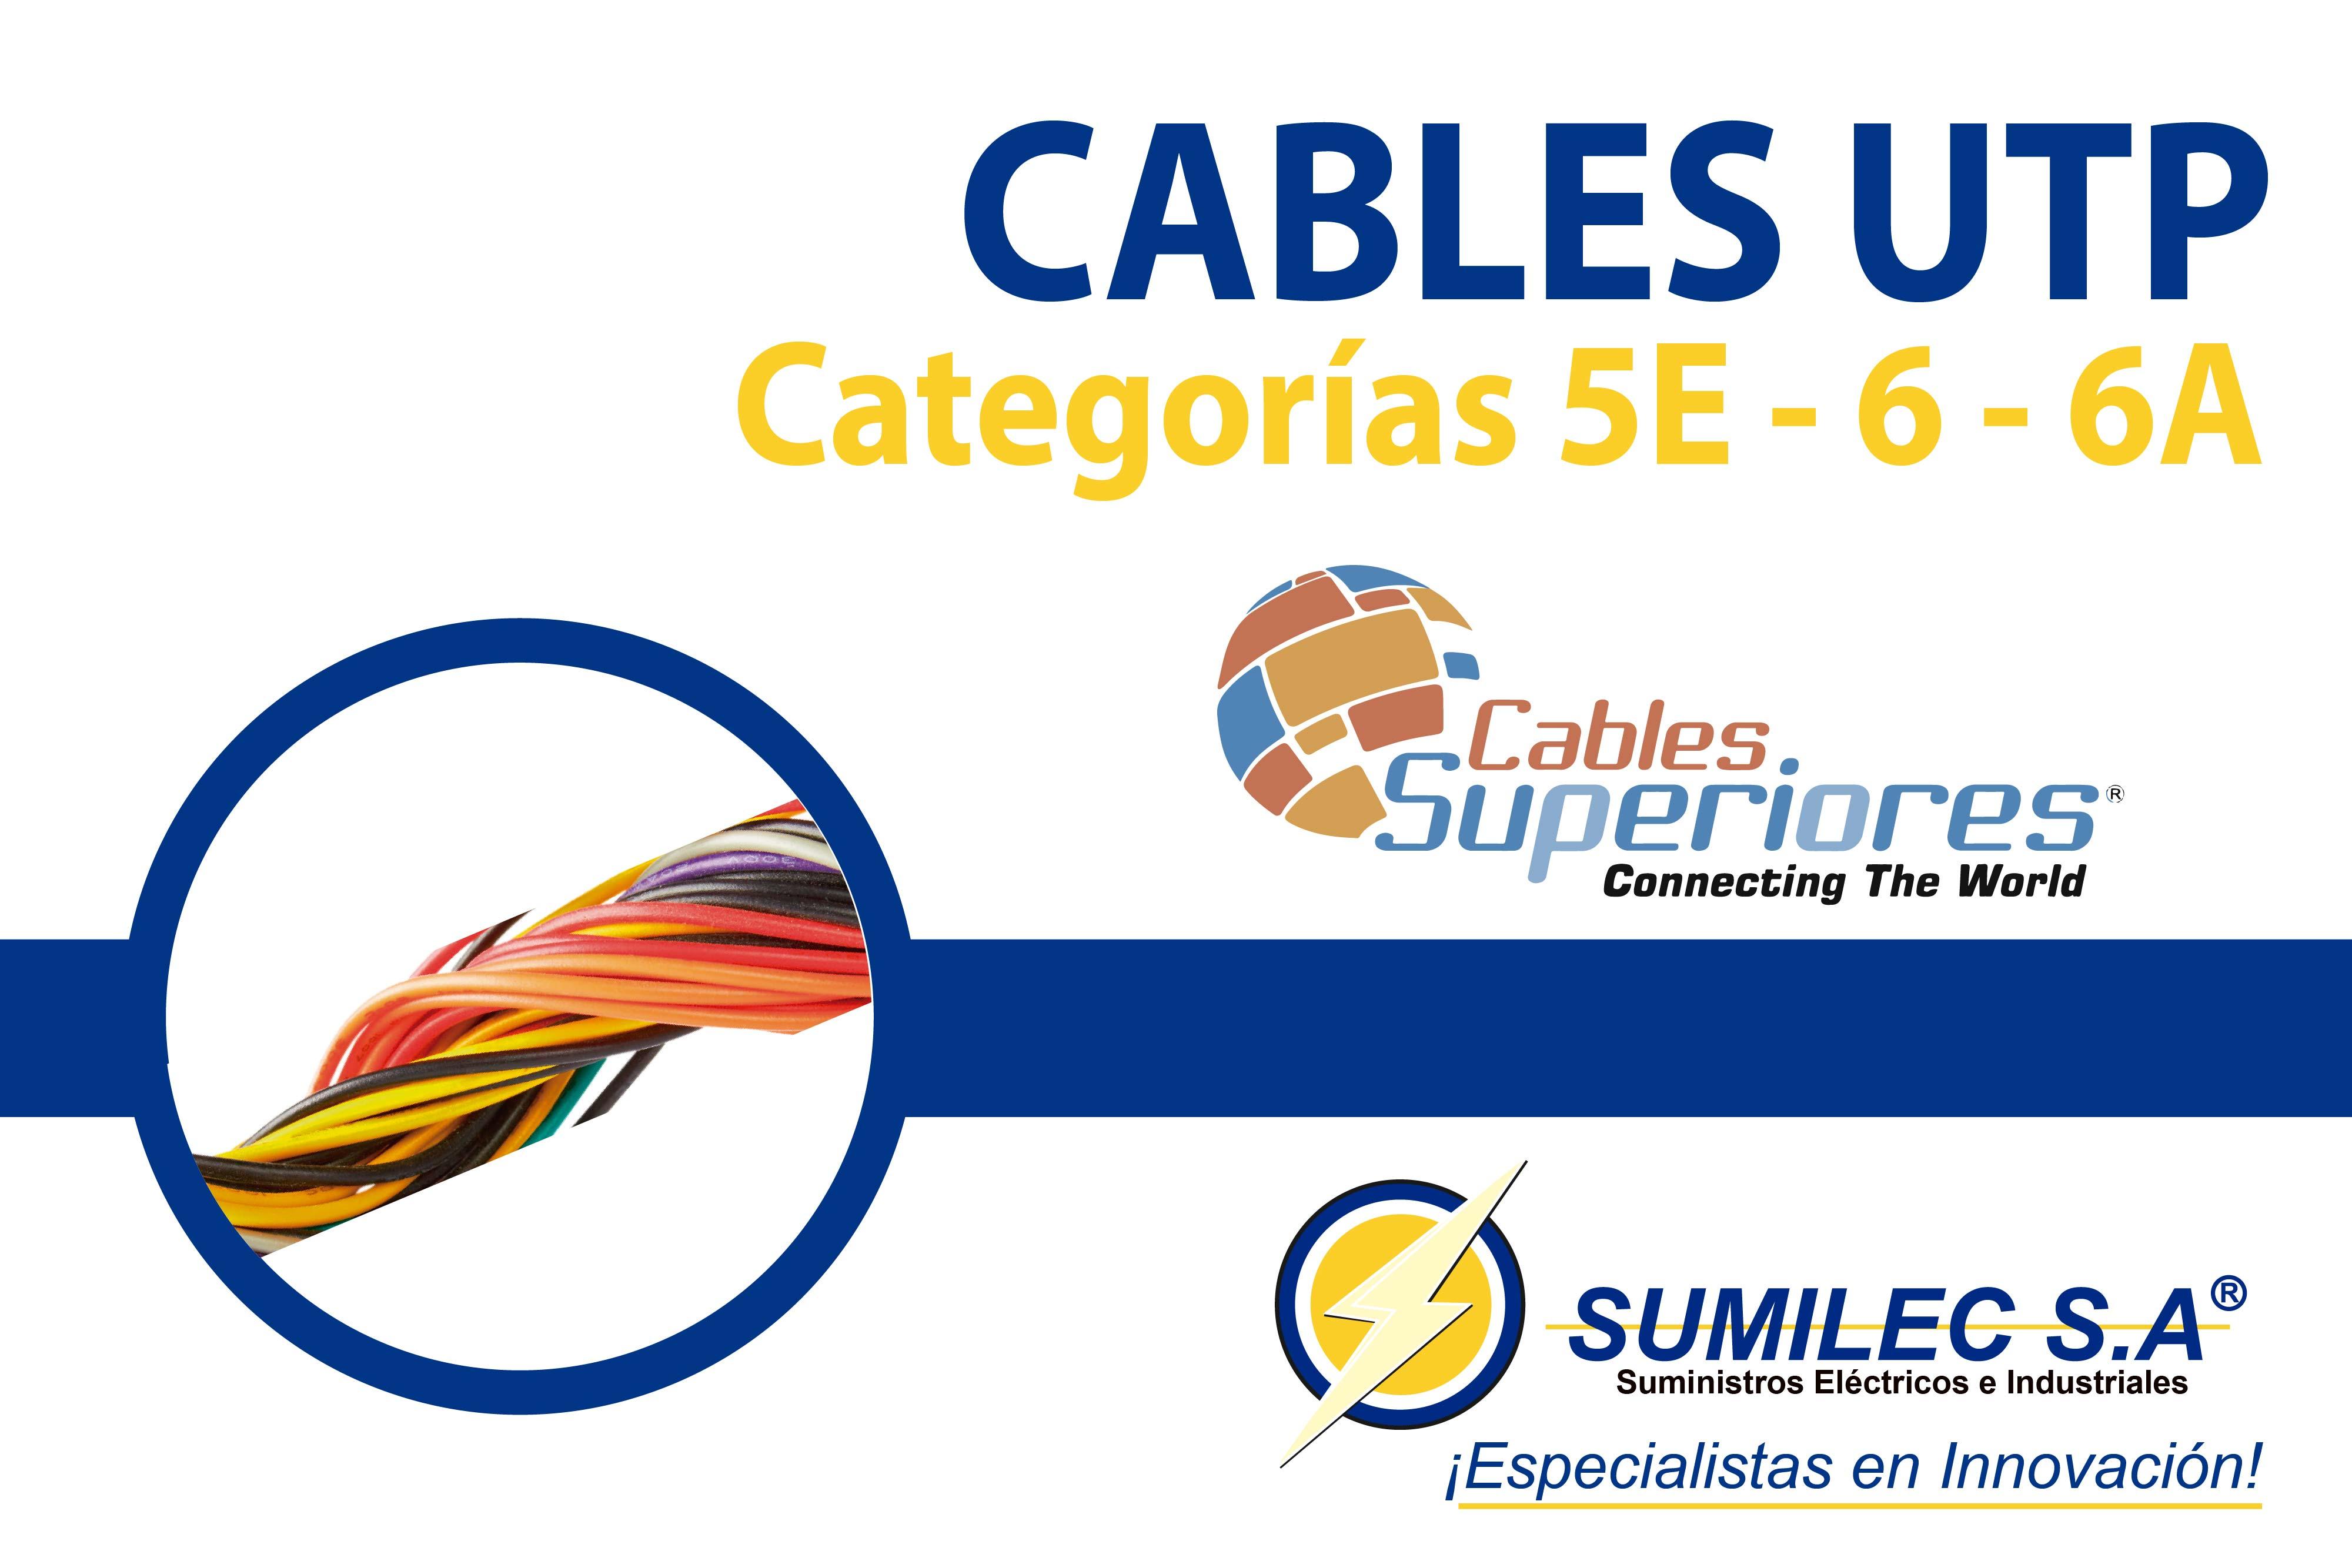 ¿Qué es un Cable UTP? Cables Superior